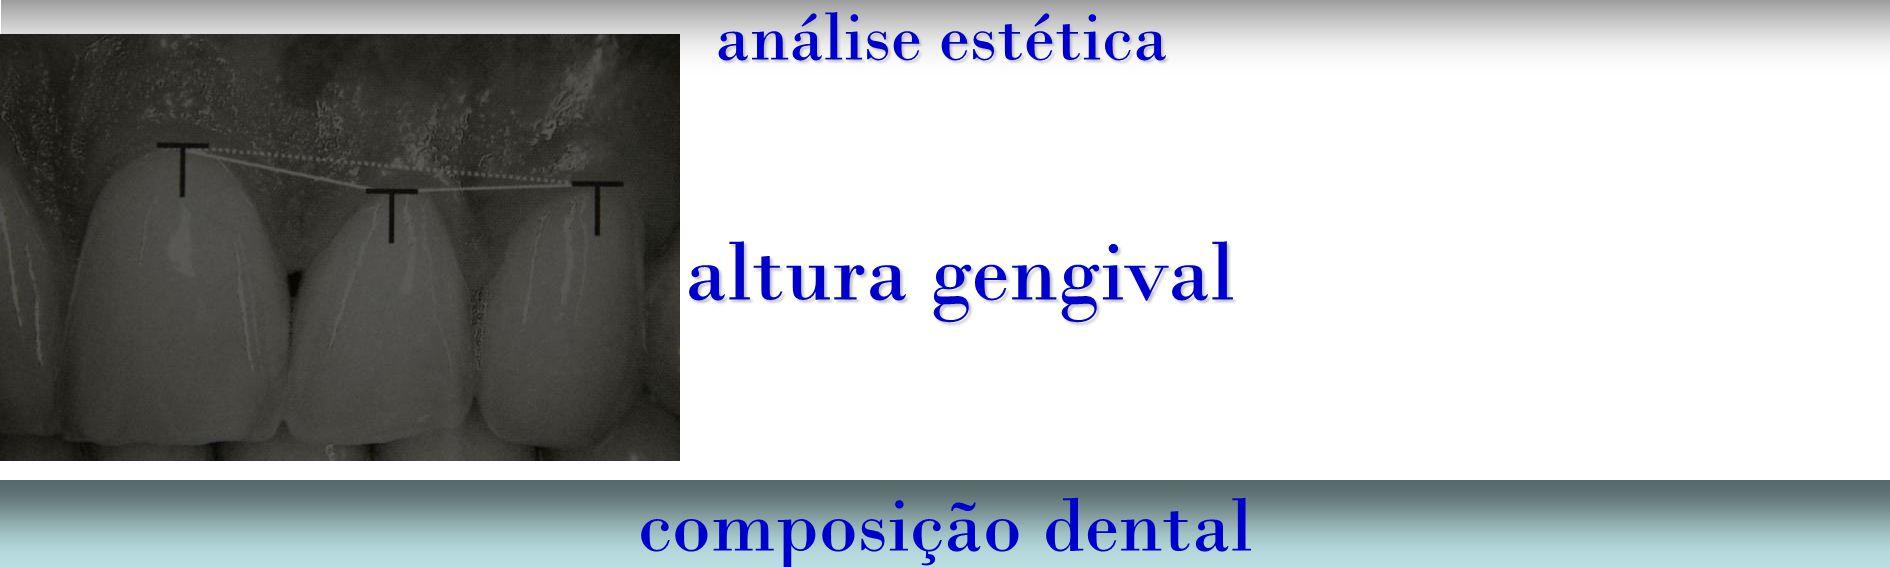 análise estética composição dental altura gengival